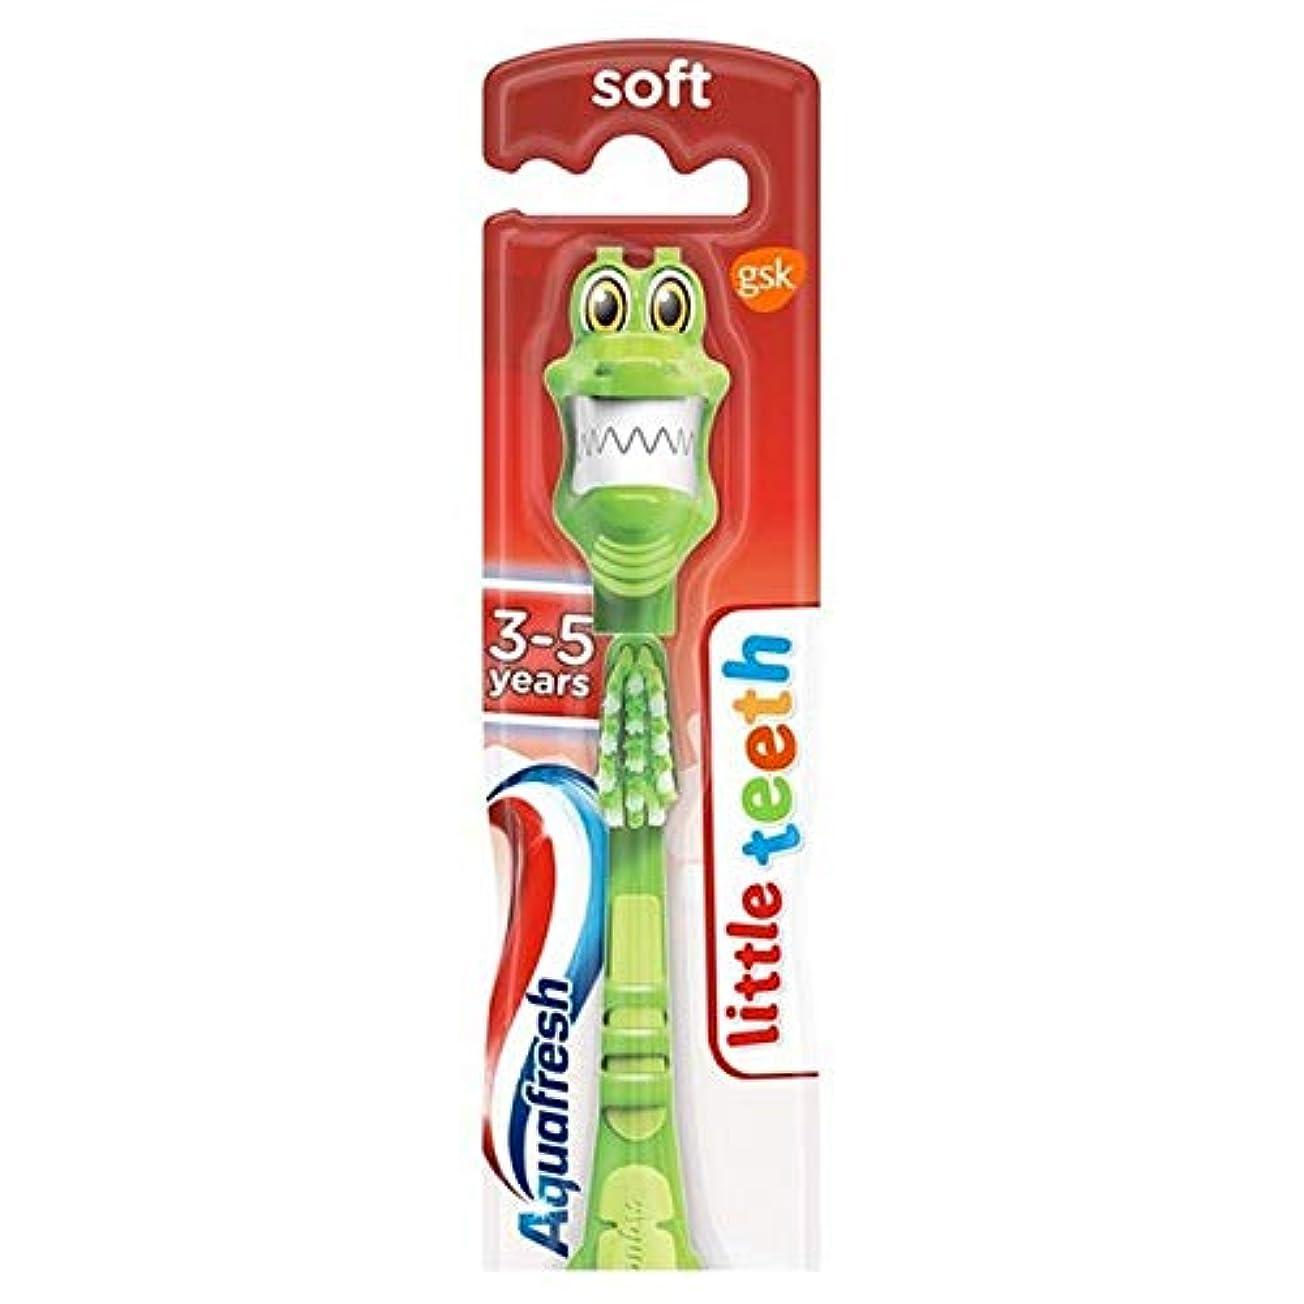 十分解体する保育園[Aquafresh ] アクアフレッシュ少し歯3~5人の子供の柔らかい歯ブラシ - Aquafresh Little Teeth 3-5 Years Kids Soft Toothbrush [並行輸入品]